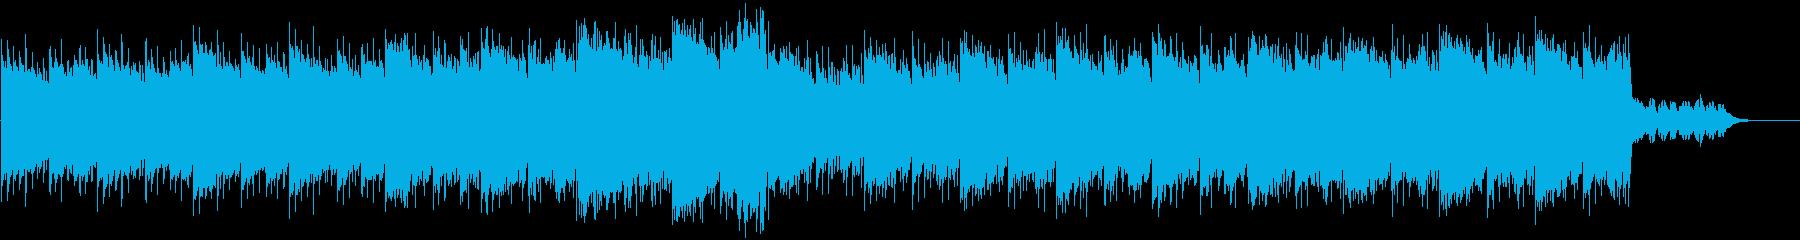 スポーツでの対決シーンBGMの再生済みの波形